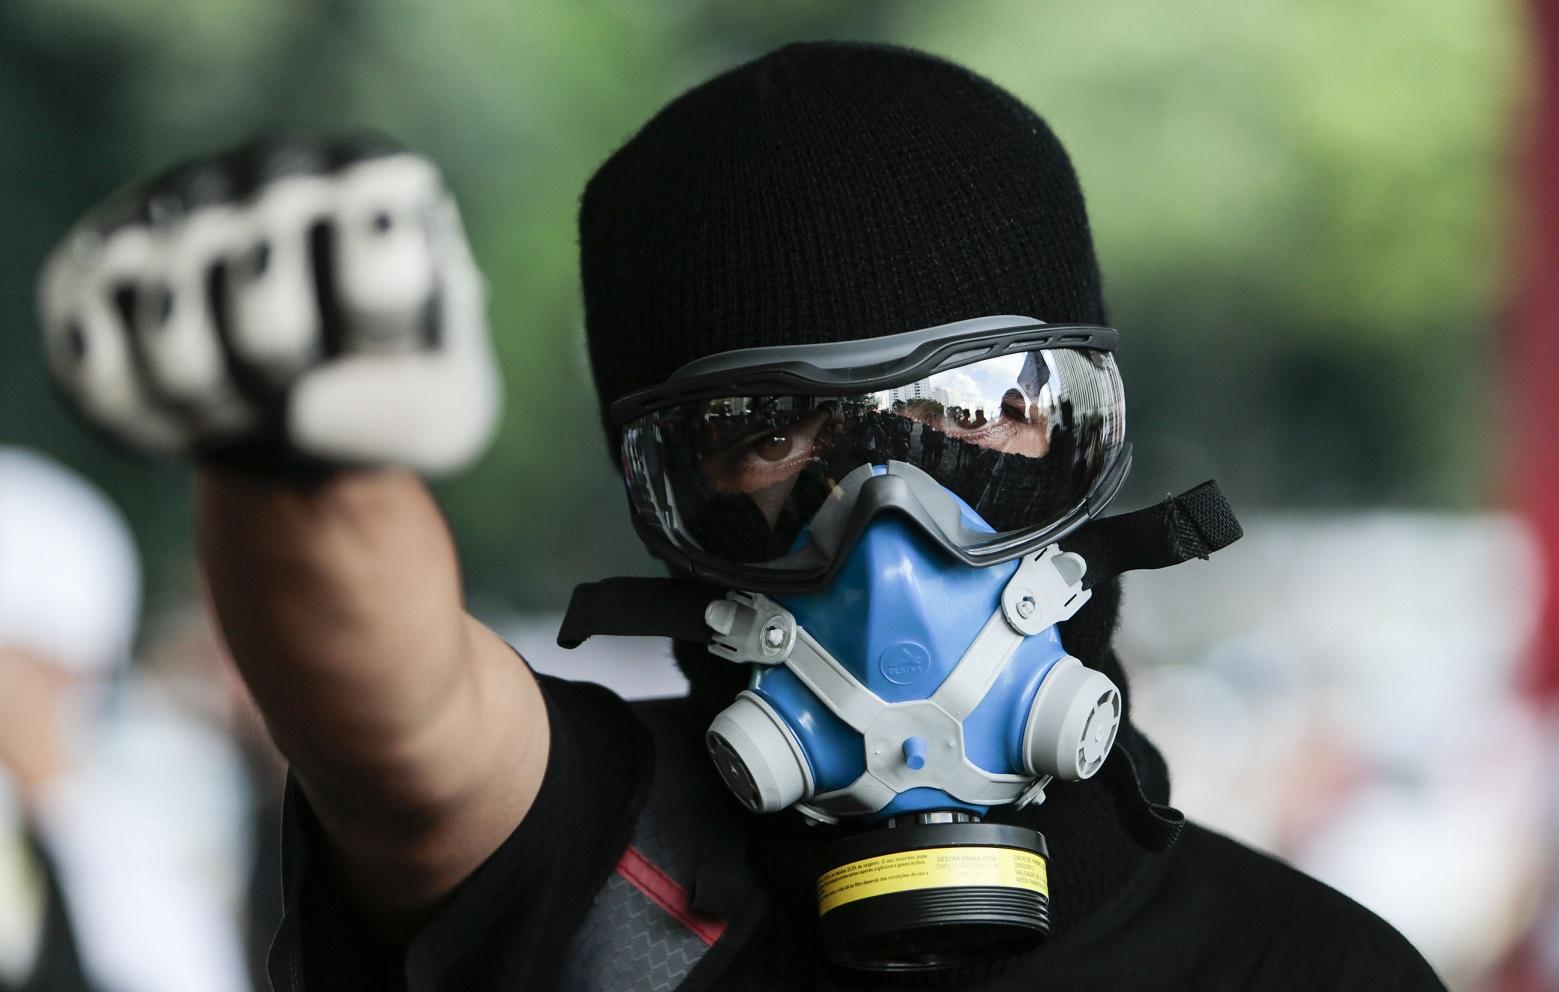 Máscara anti-gás, utilizada desde os protestos de 2013, voltaram a ser procuradas. Foto: AFP/ Miguel Schincariol